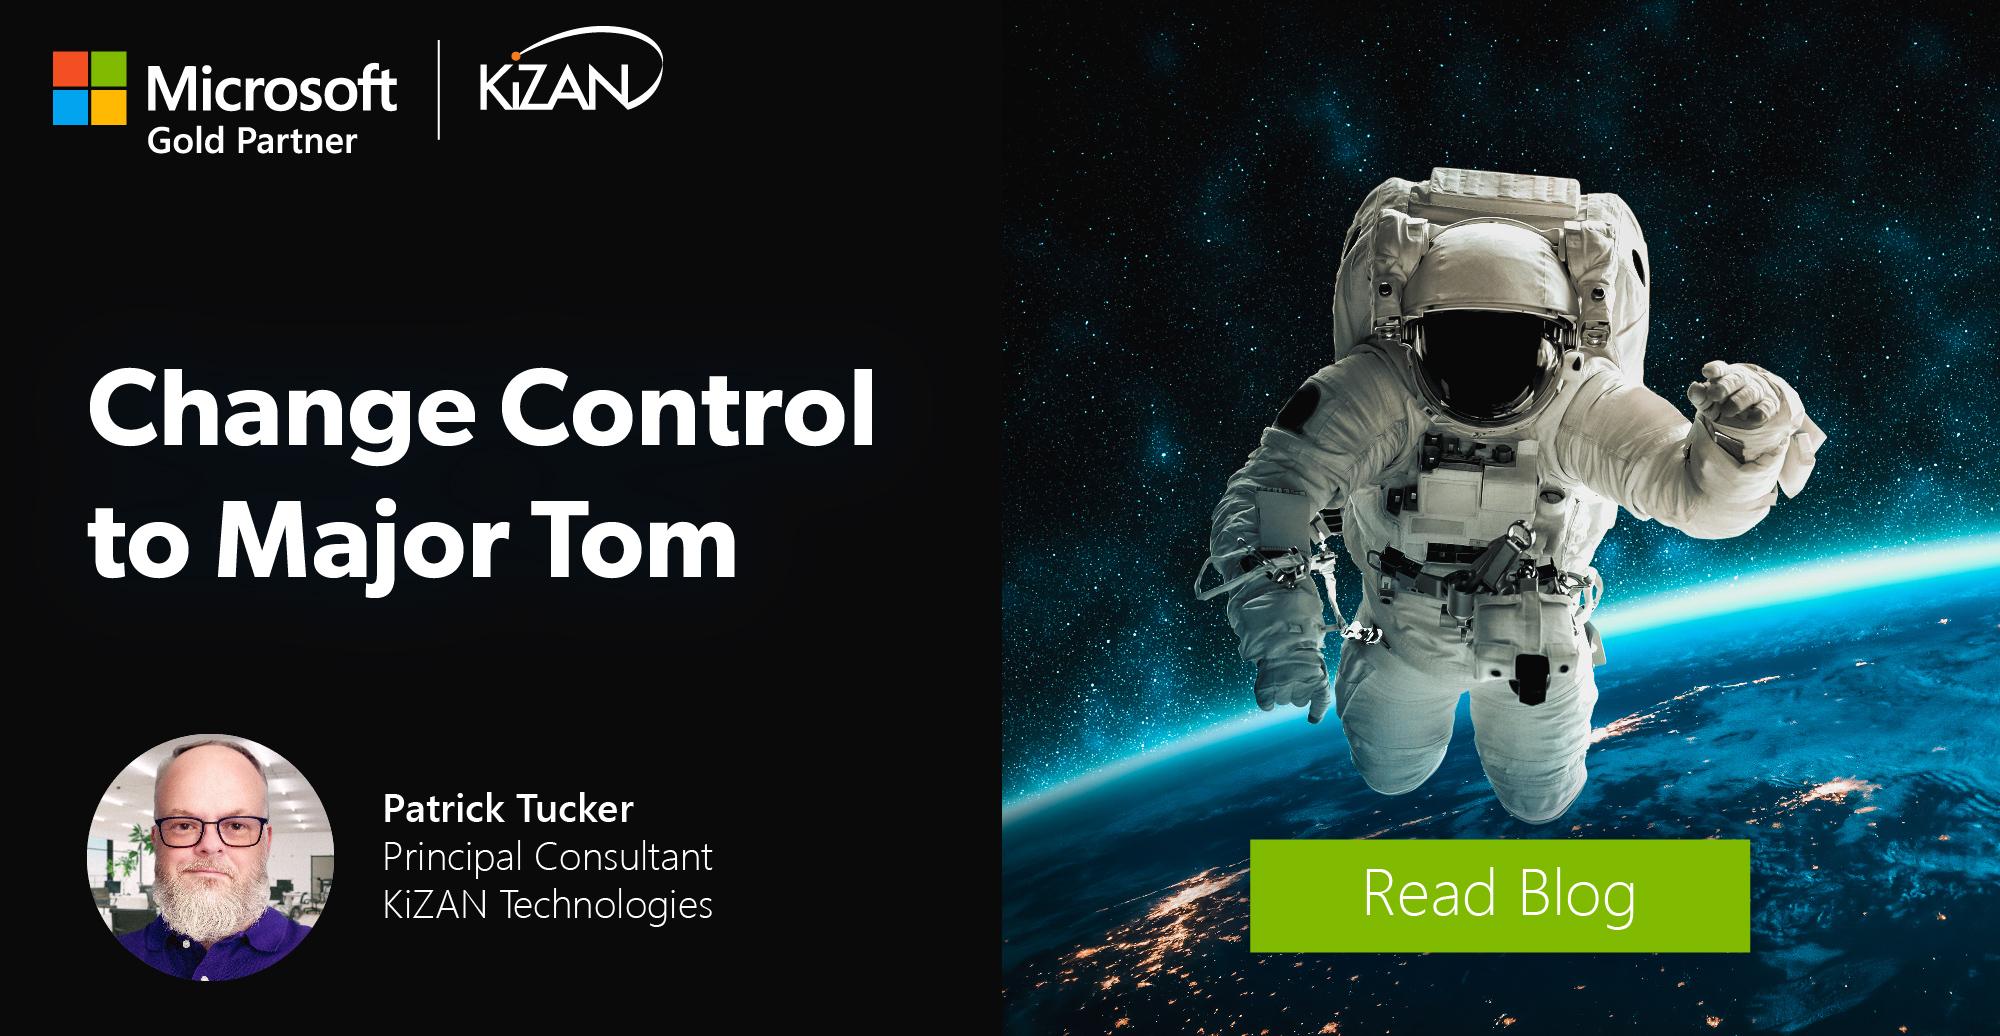 KiZAN | Change Control to Major Tom